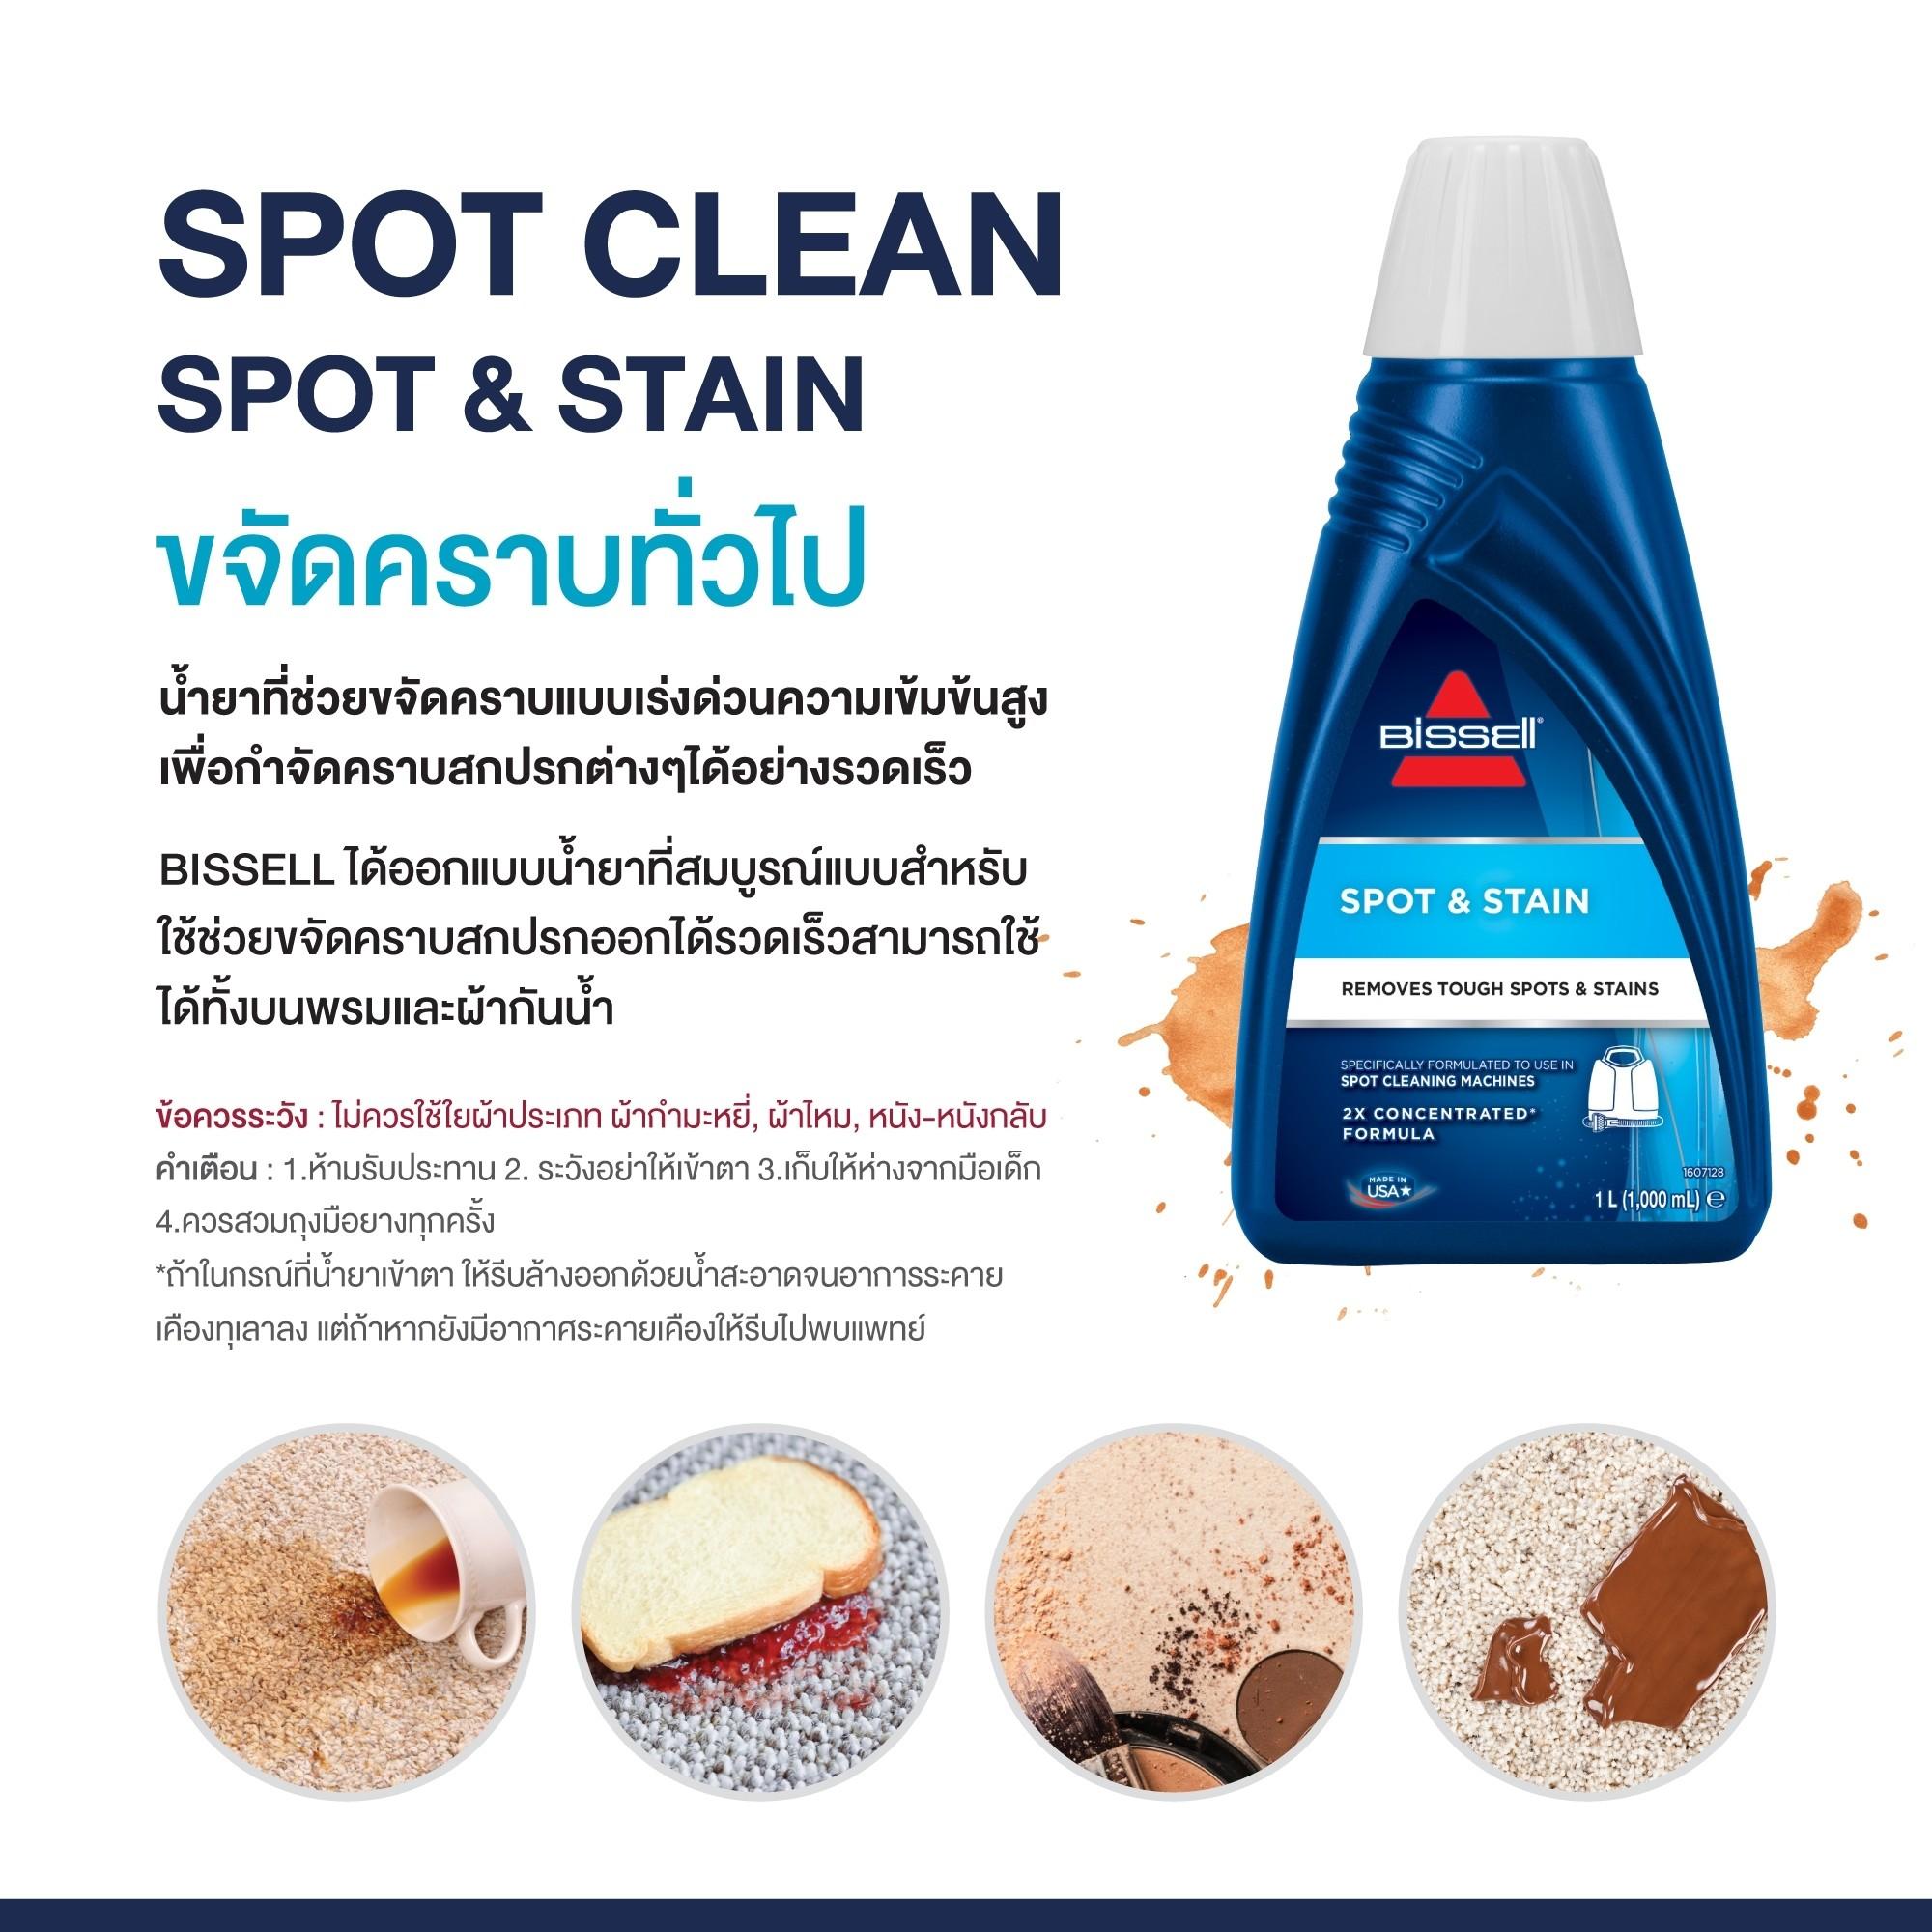 spot-clean-spotstain.jpg